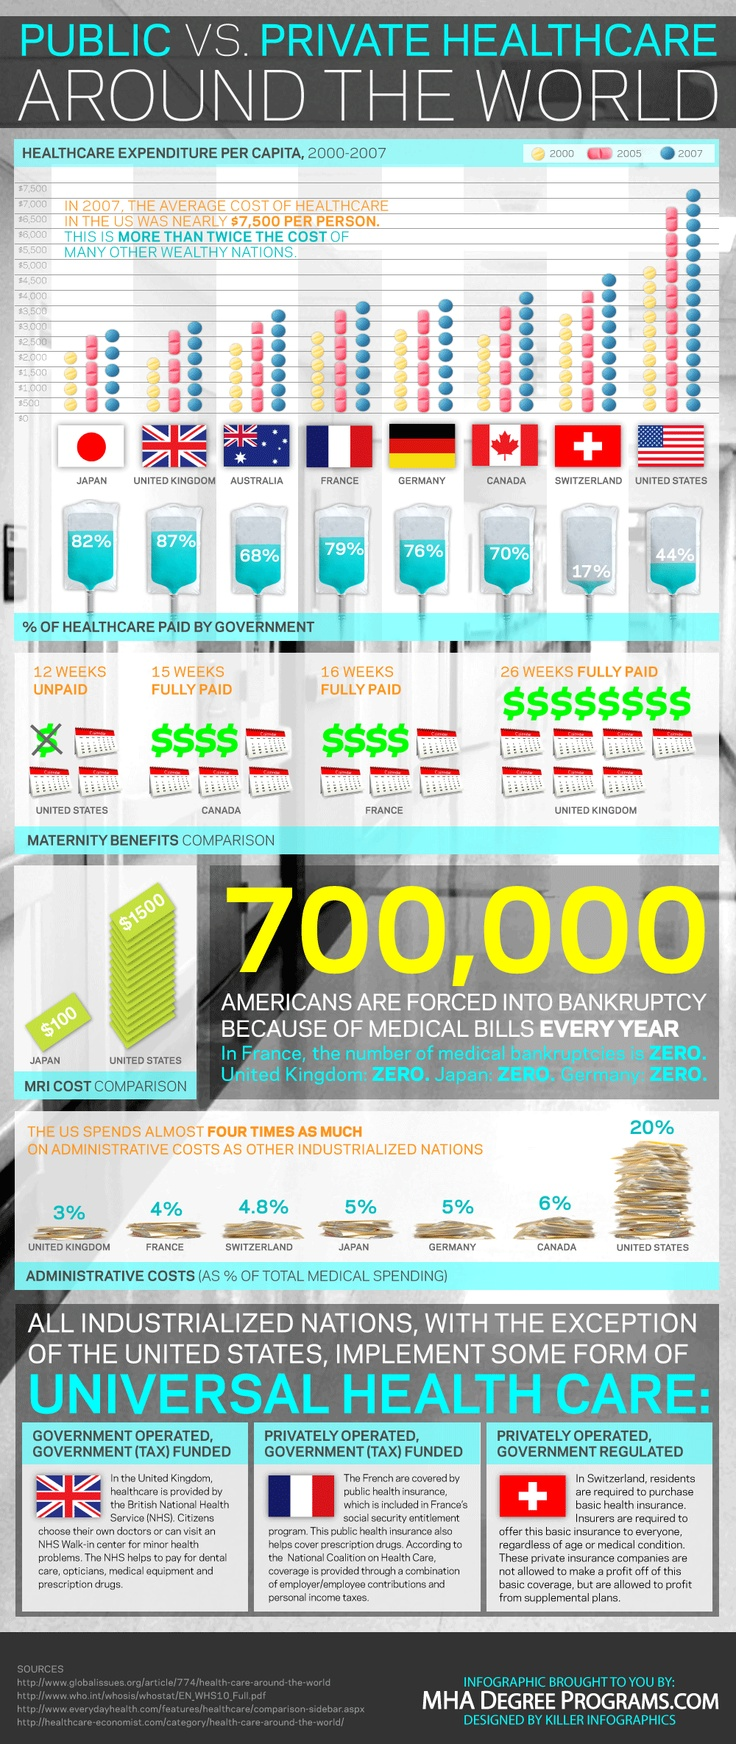 Public vs. Private #Healthcare Around the World